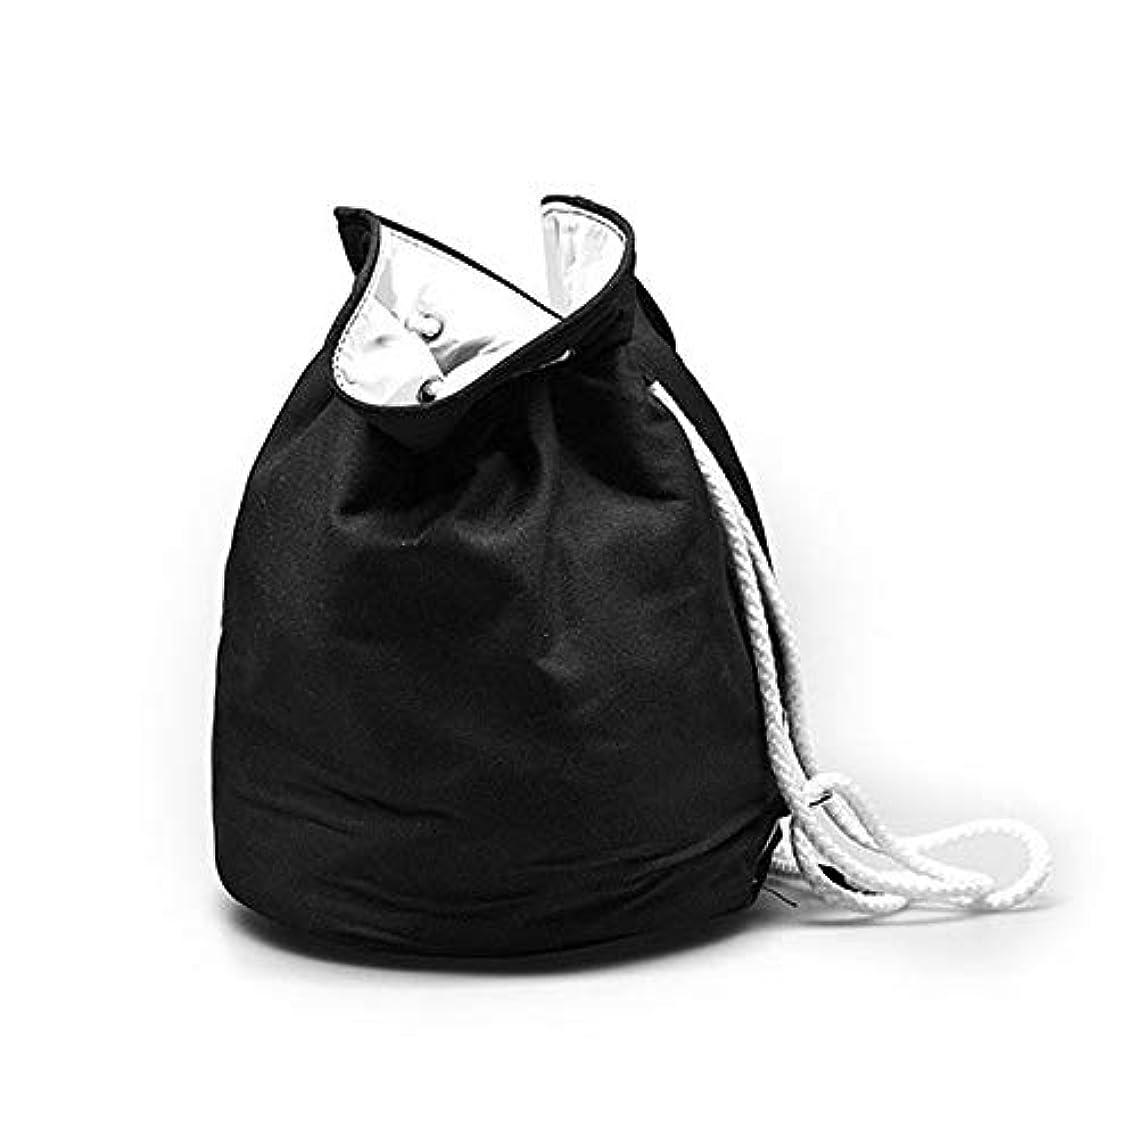 適応つまらないルアー化粧オーガナイザーバッグ ポータブル巾着収納バッグ用化粧品化粧ブラシプロの旅行化粧バッグ旅行アクセサリー大容量防水ウォッシュバッグ 化粧品ケース (色 : ブラック, サイズ : 35x28cm)